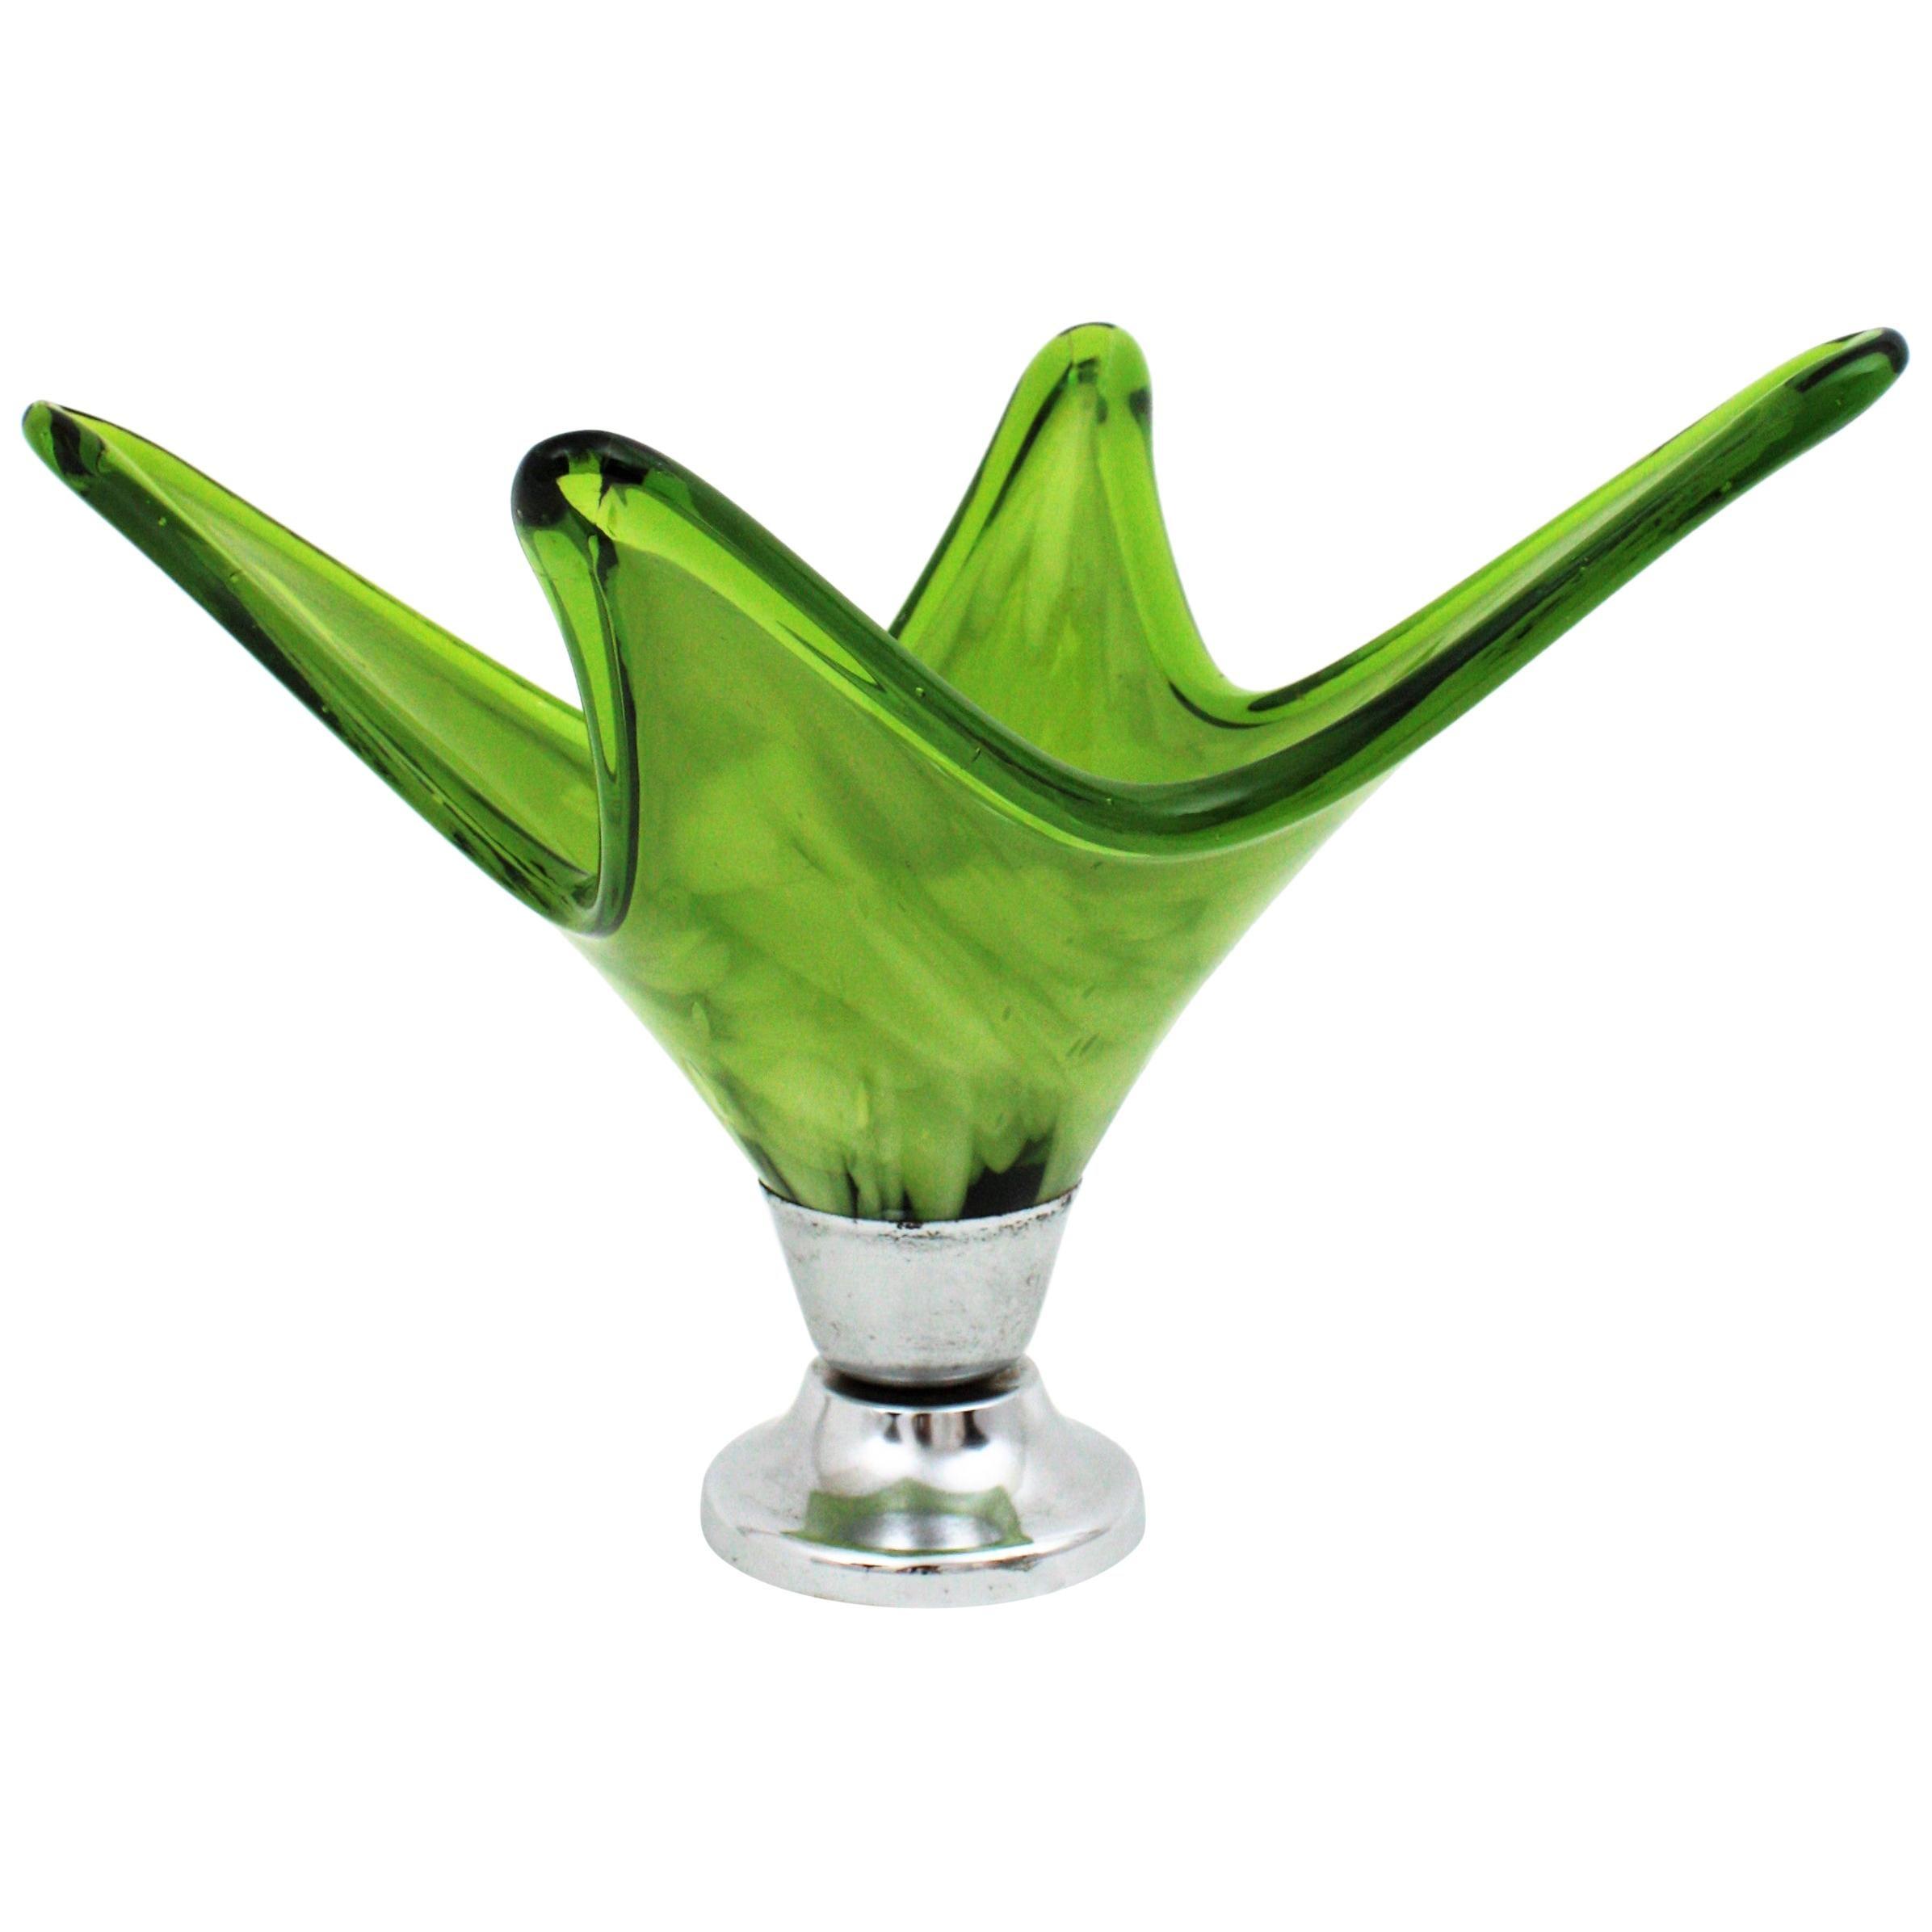 Italian Modernist Murano Green & White Glass Centerpiece Vase with Chromed Base